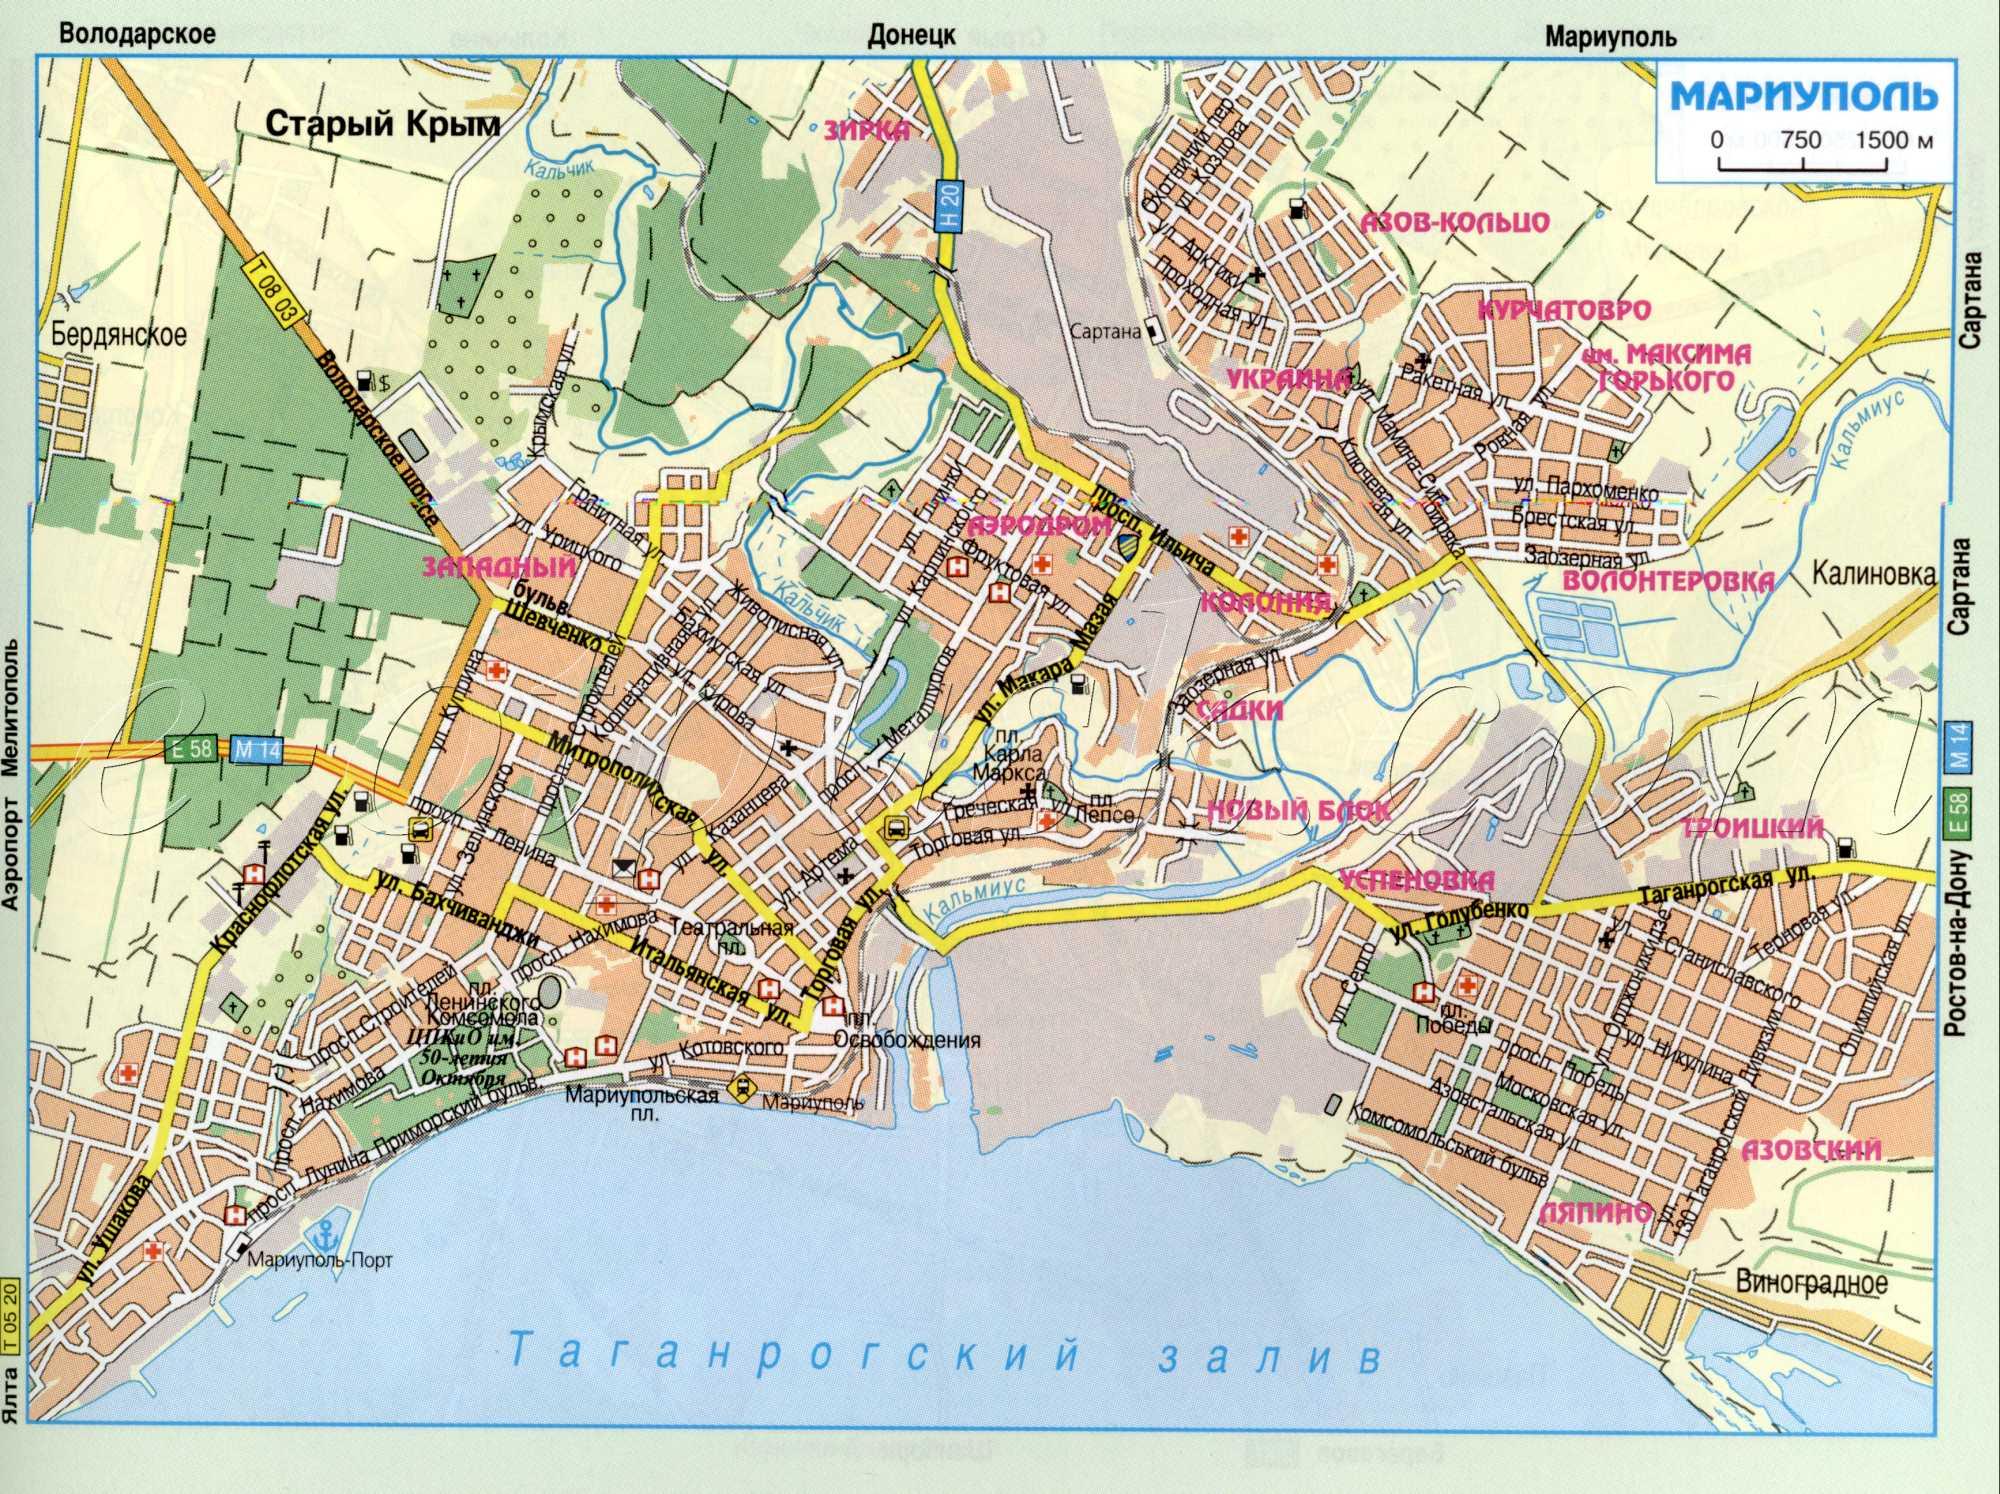 Карта города Мариуполь